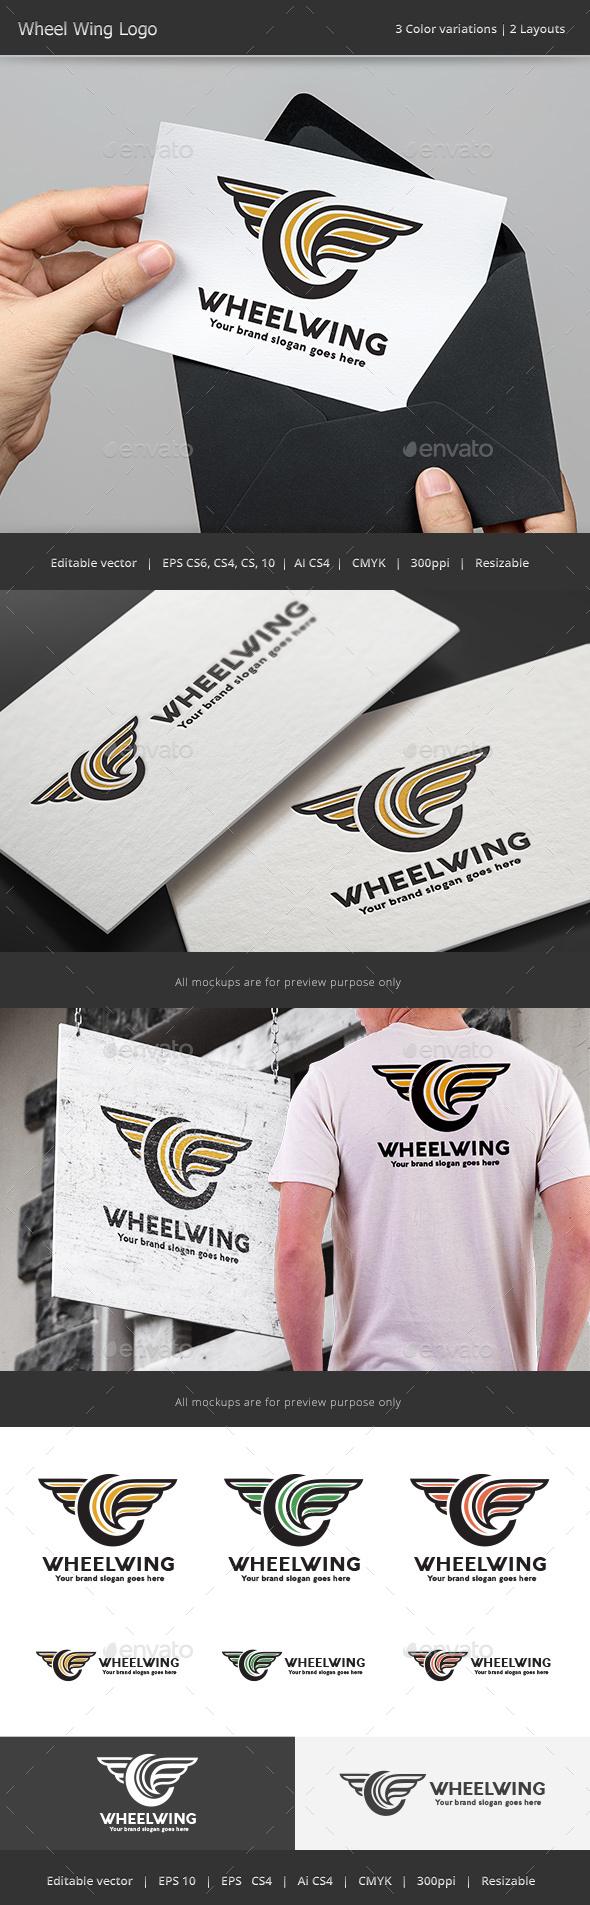 Wheel Wing Logo - Abstract Logo Templates